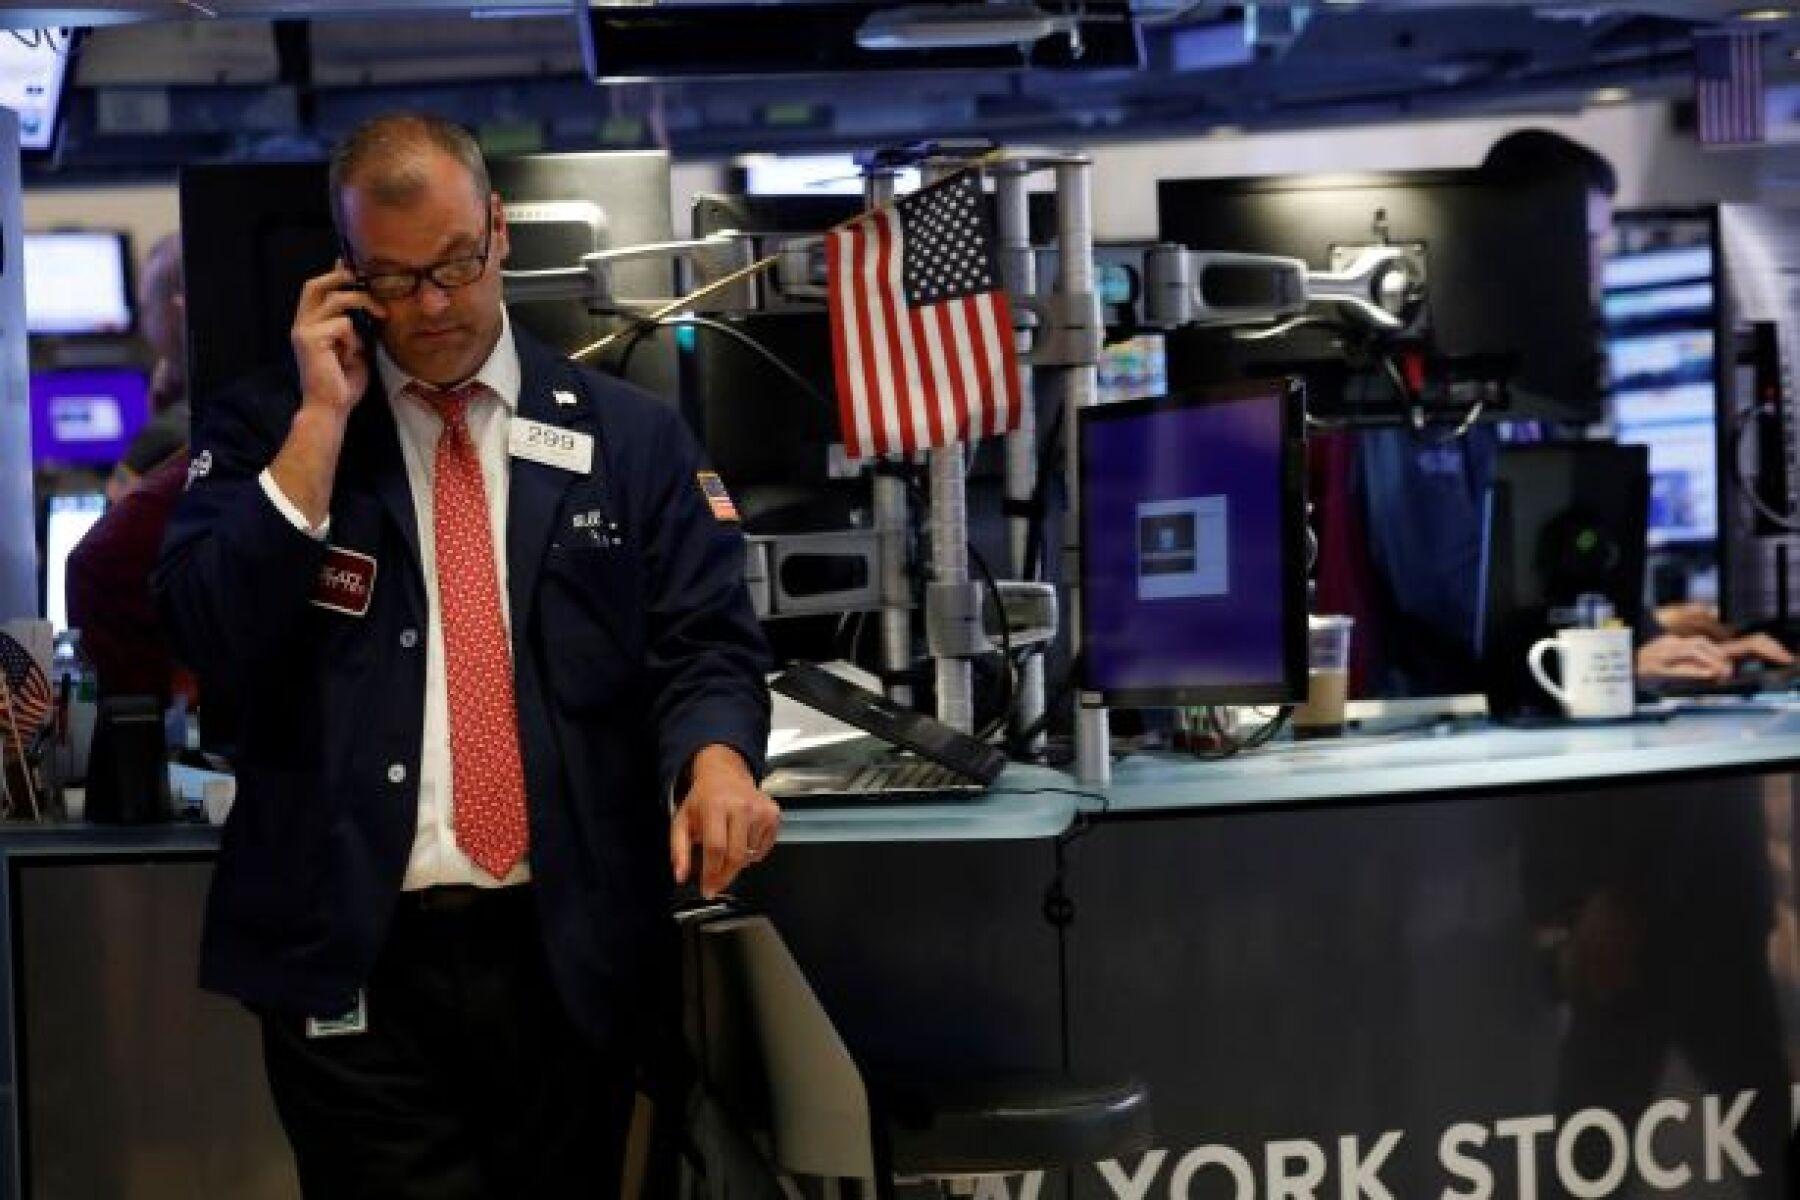 NY stock